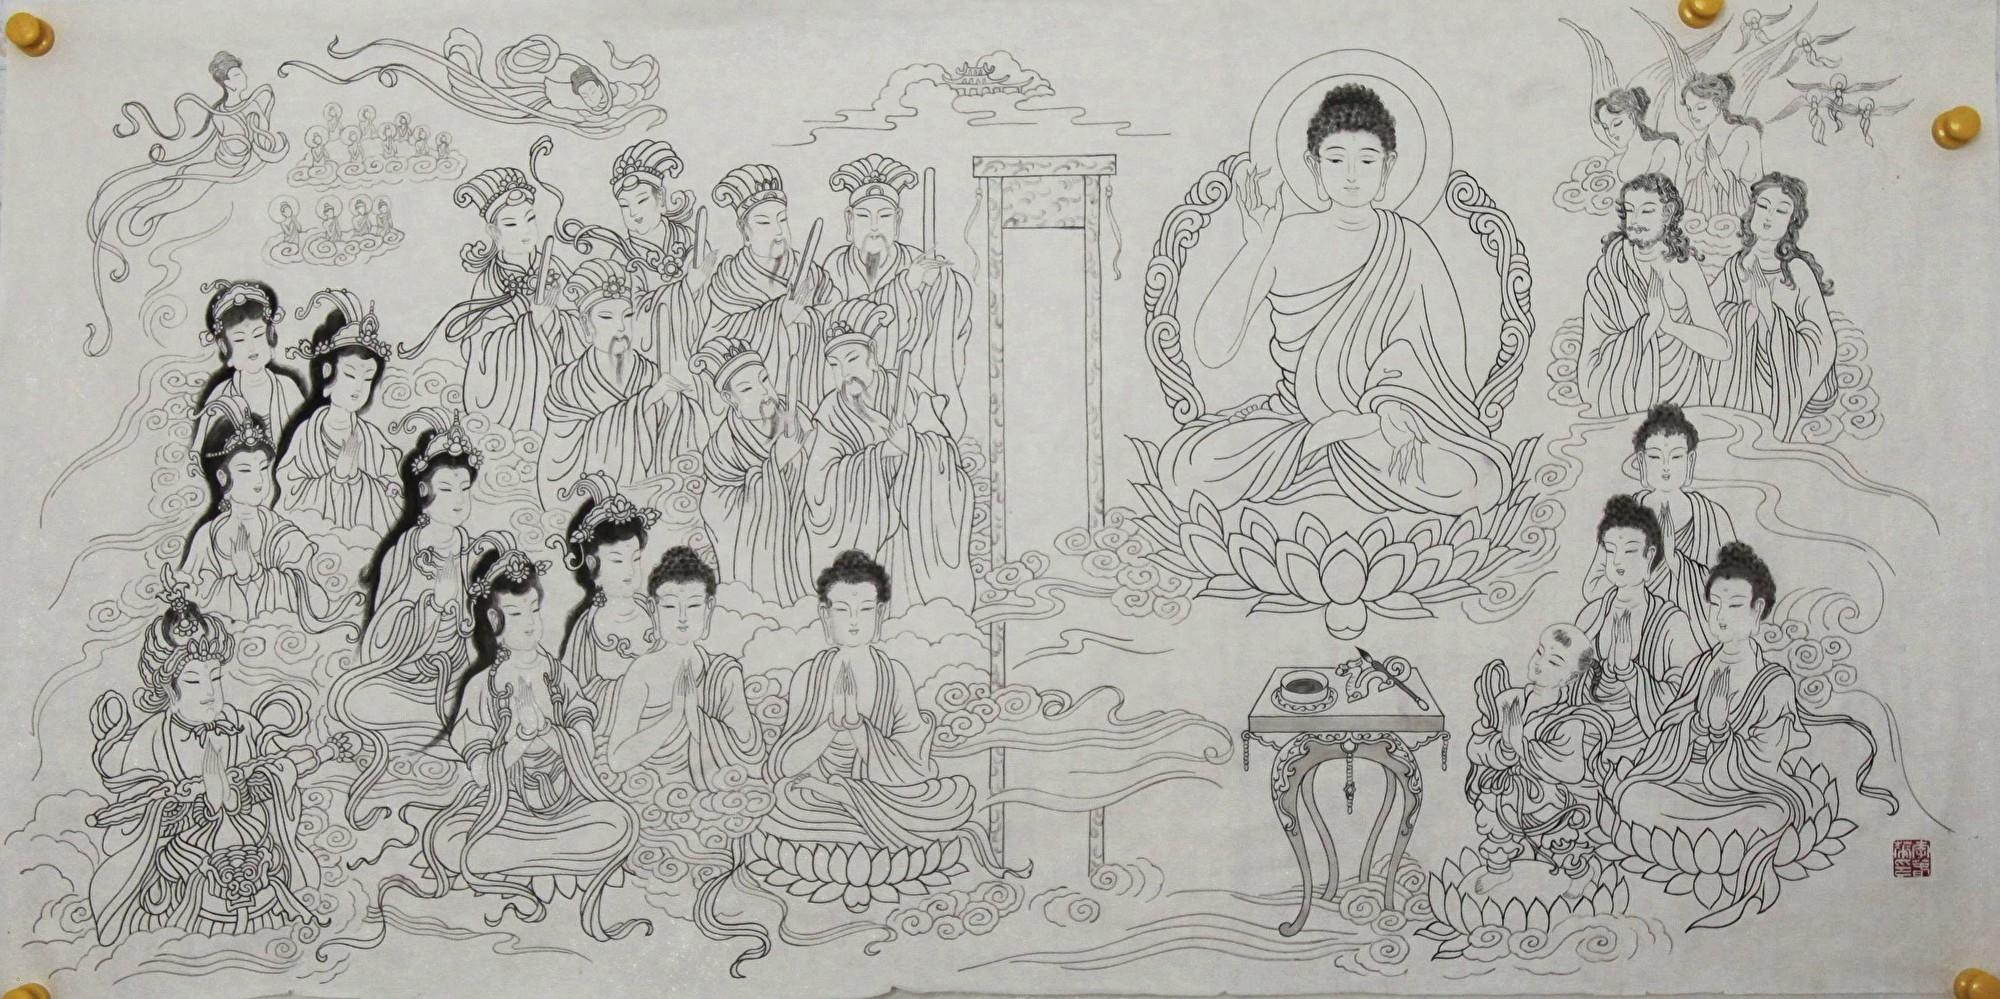 繪畫(白描):「洪誓真願」,作者:雲水(中國大陸)(明慧網)